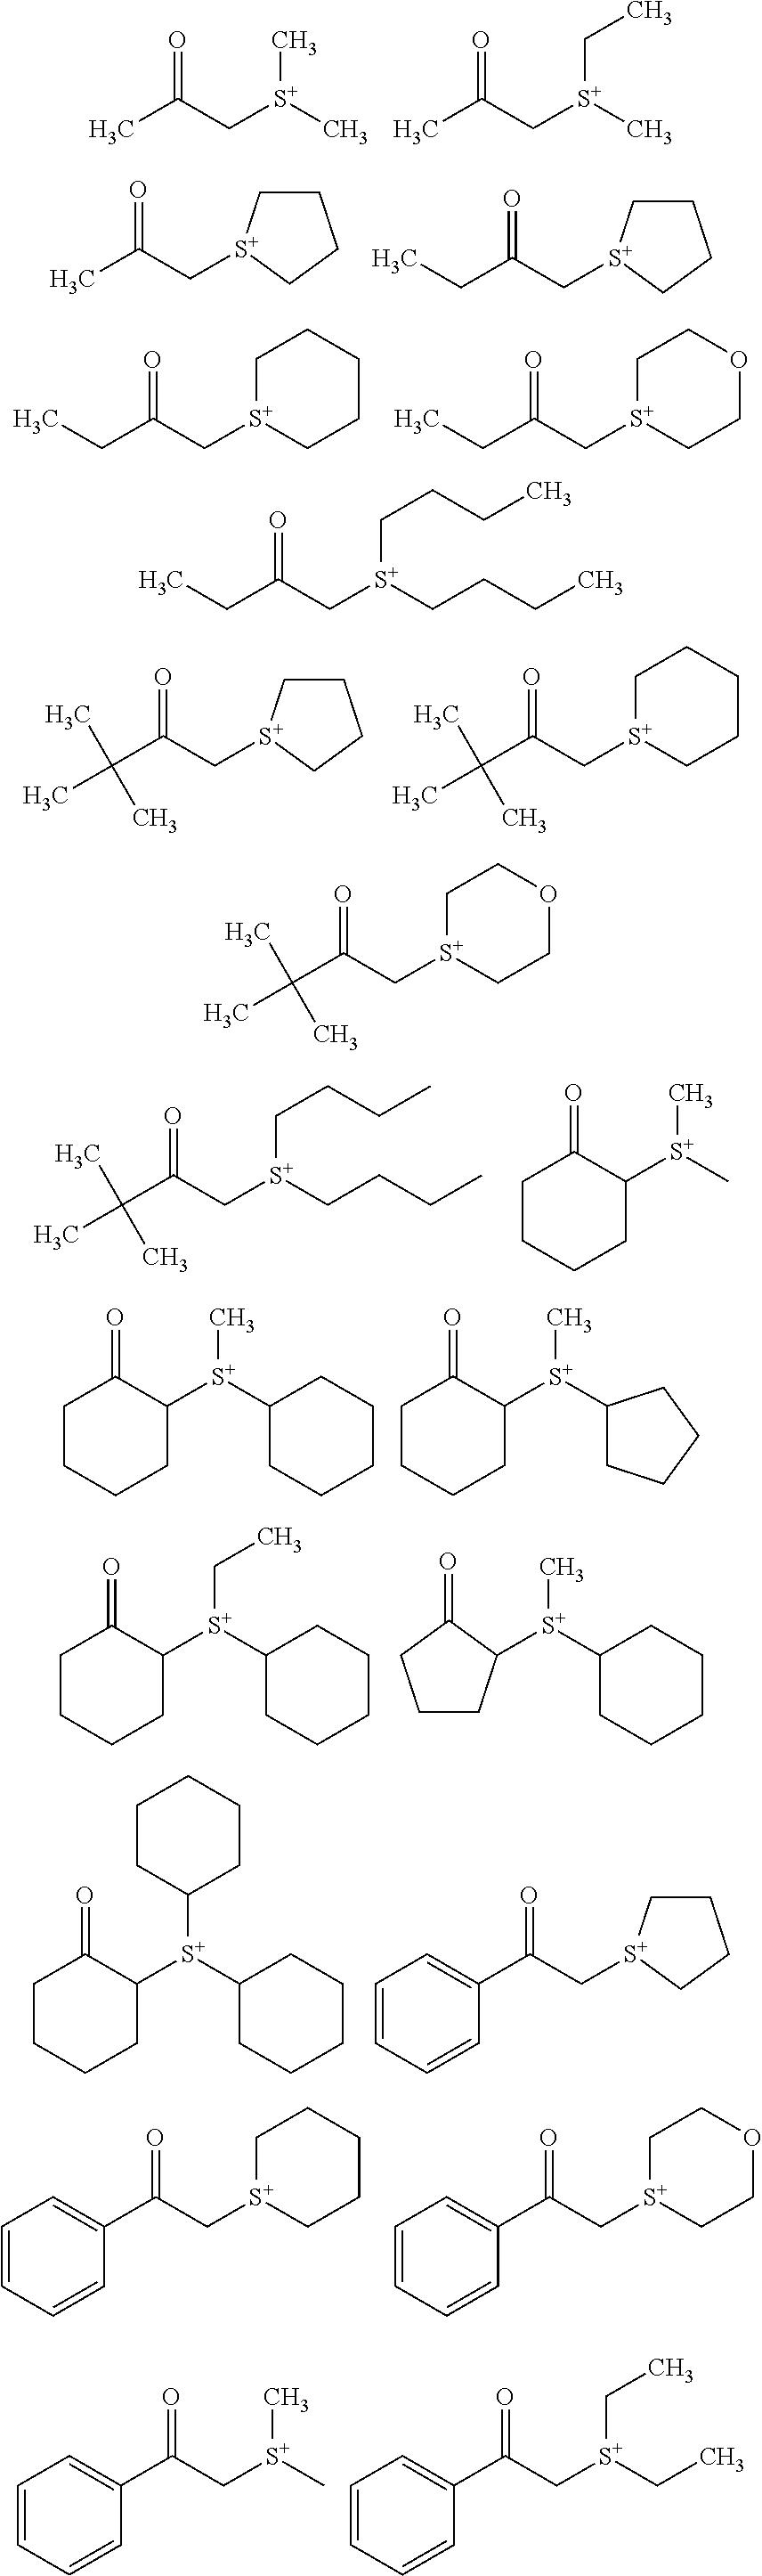 Figure US20100323296A1-20101223-C00136